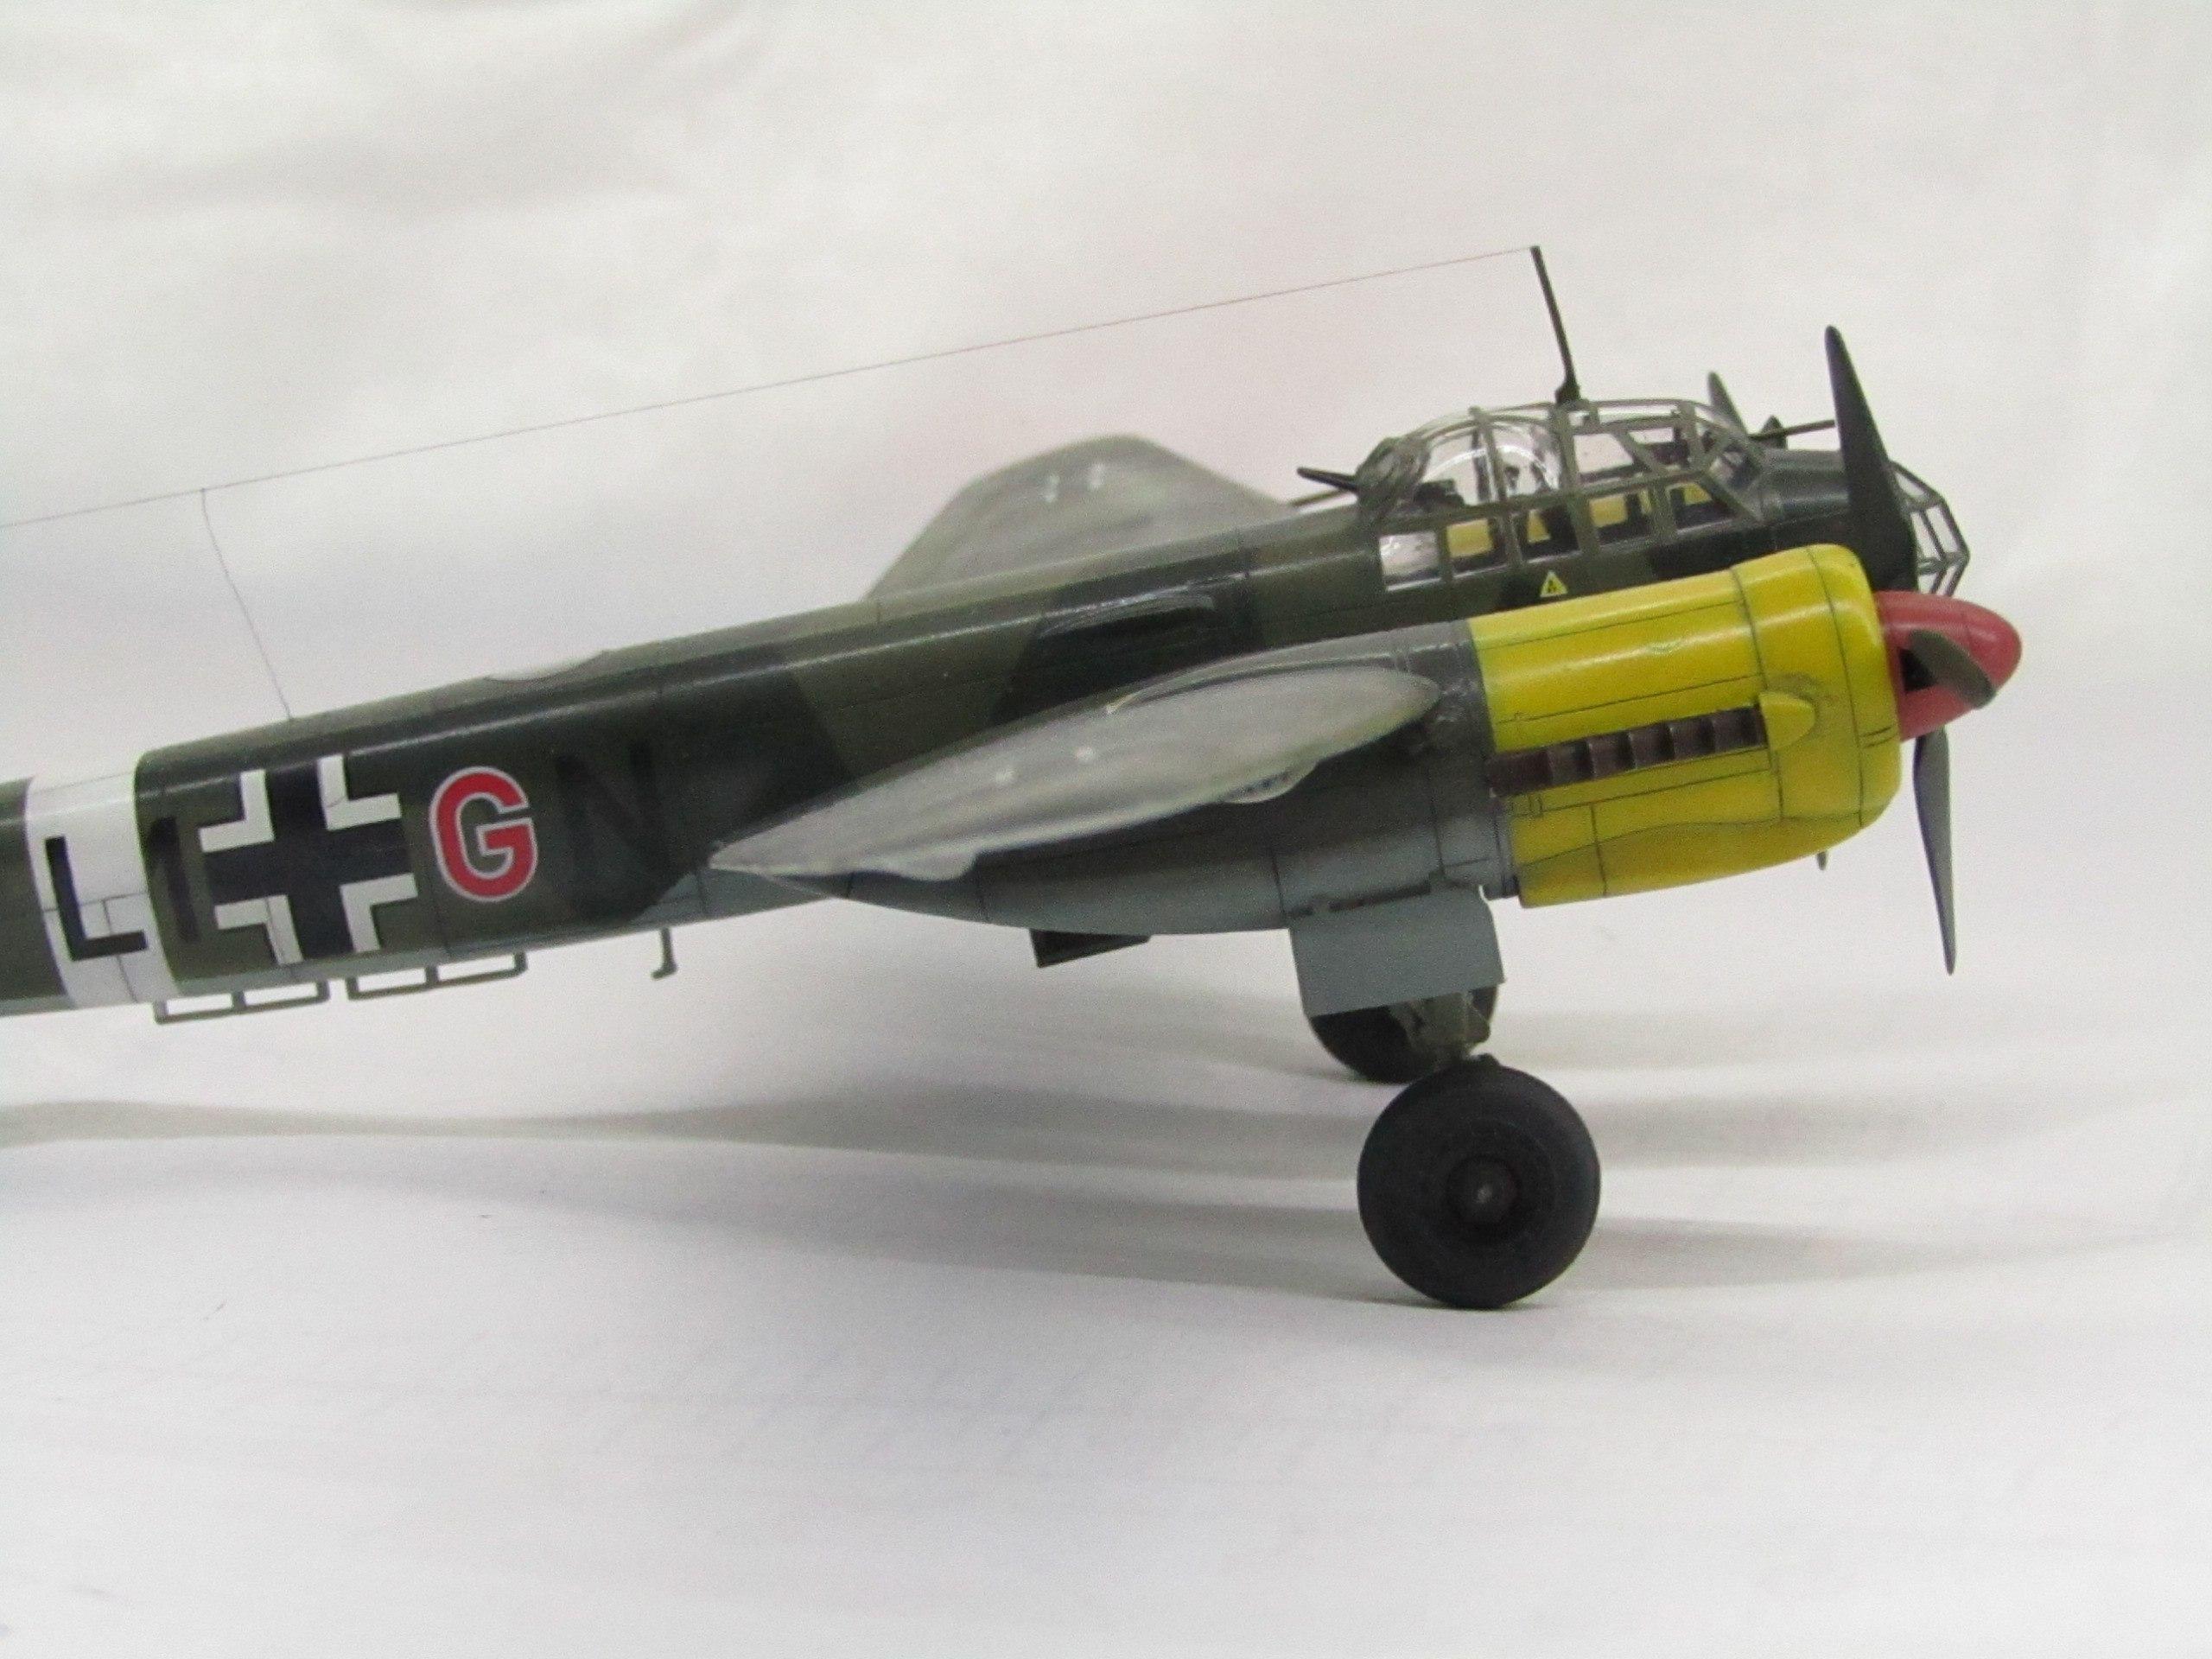 Ju-88 A-4 1/72 (Звезда) Ialhx3j4CS0